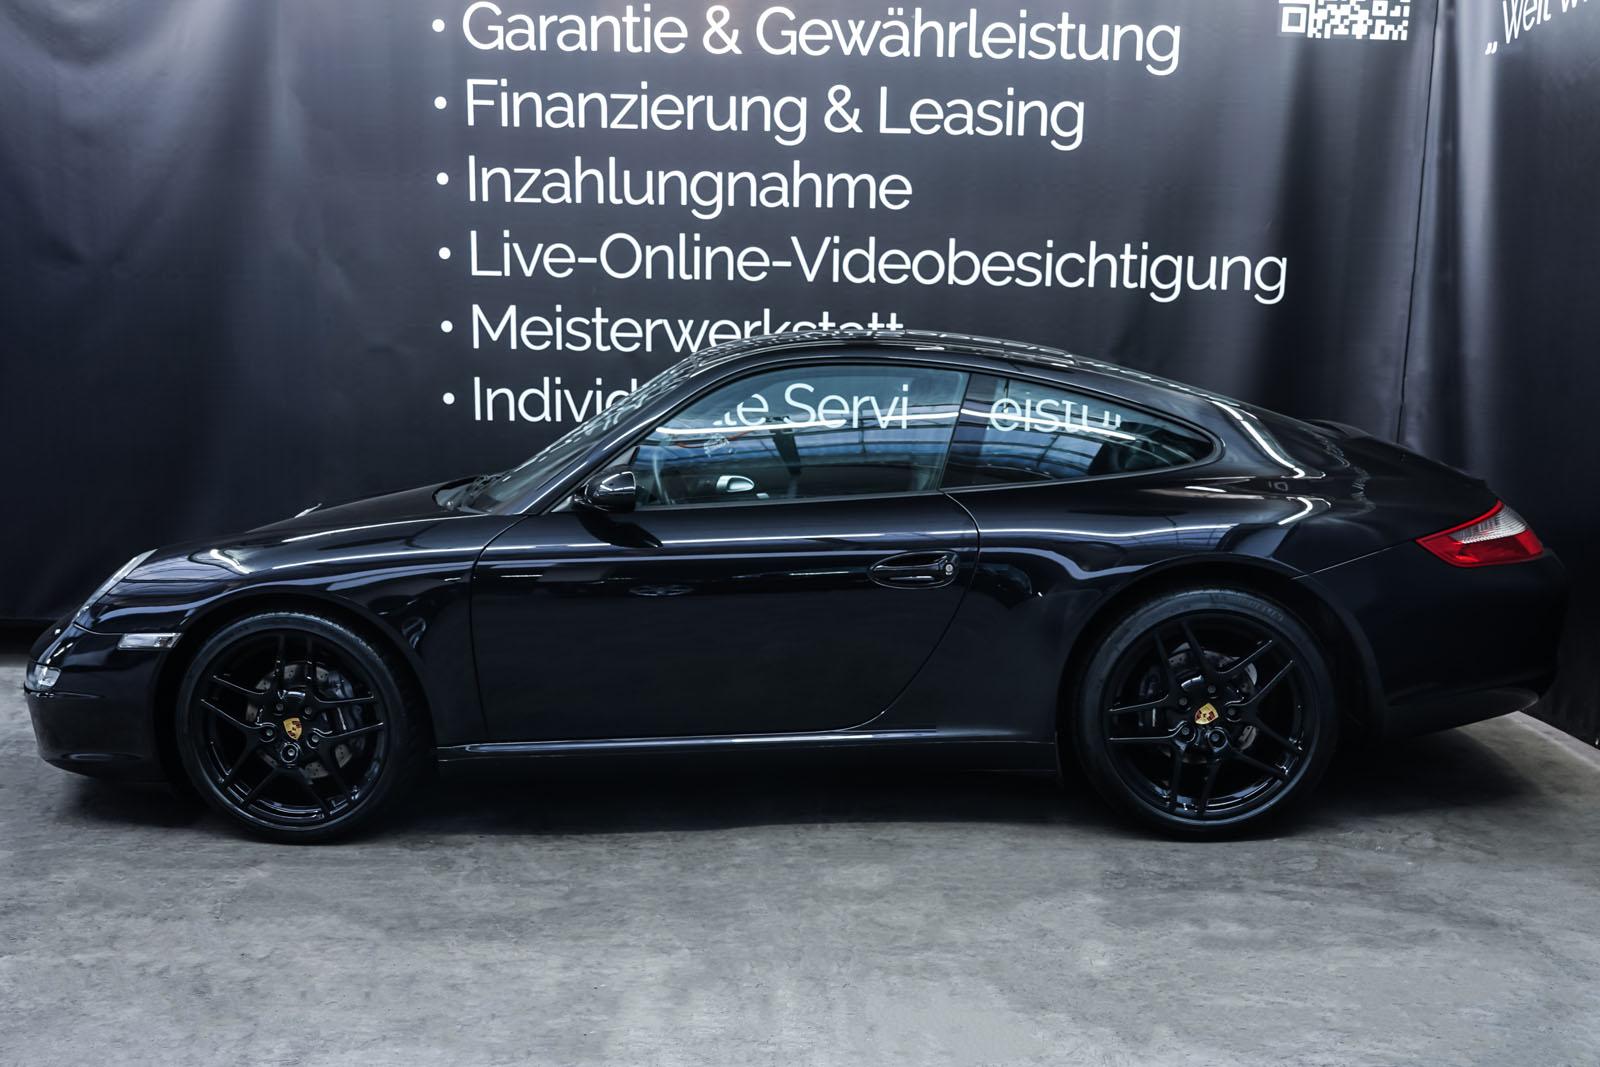 Porsche_997_C2_Schwarz_Schwarz_POR-3384_5_w